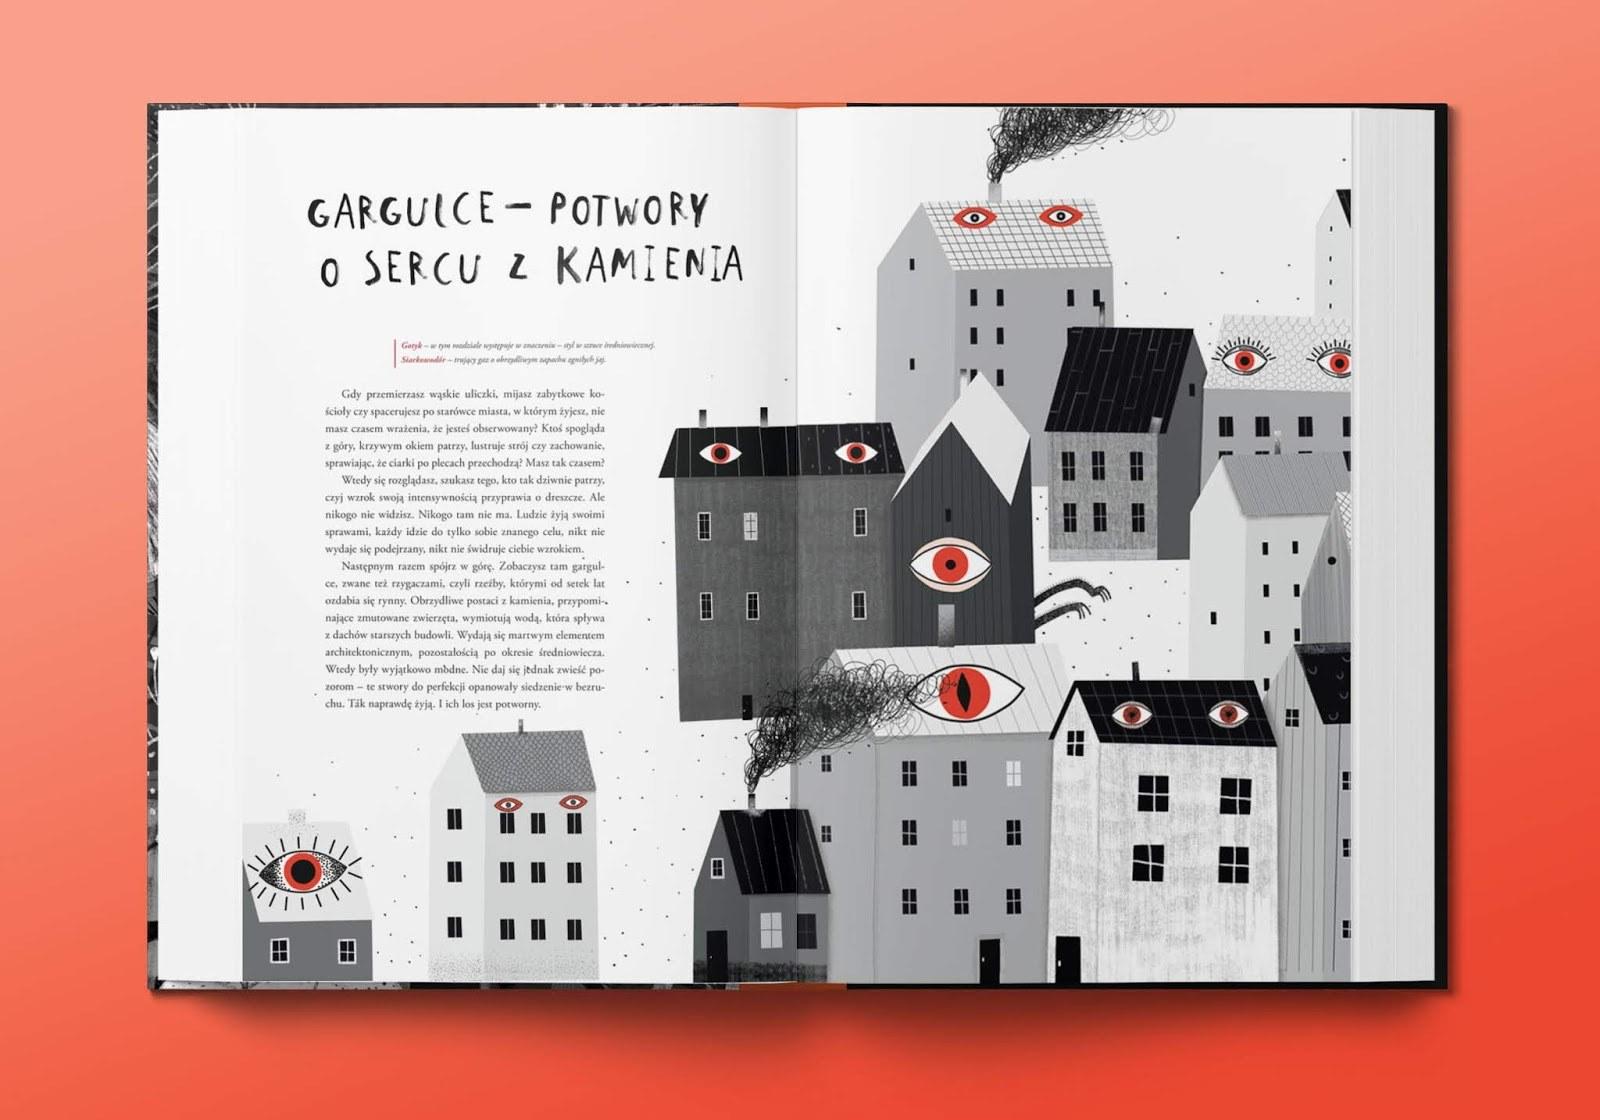 najpiękniejsza książka dla dzieci potwory